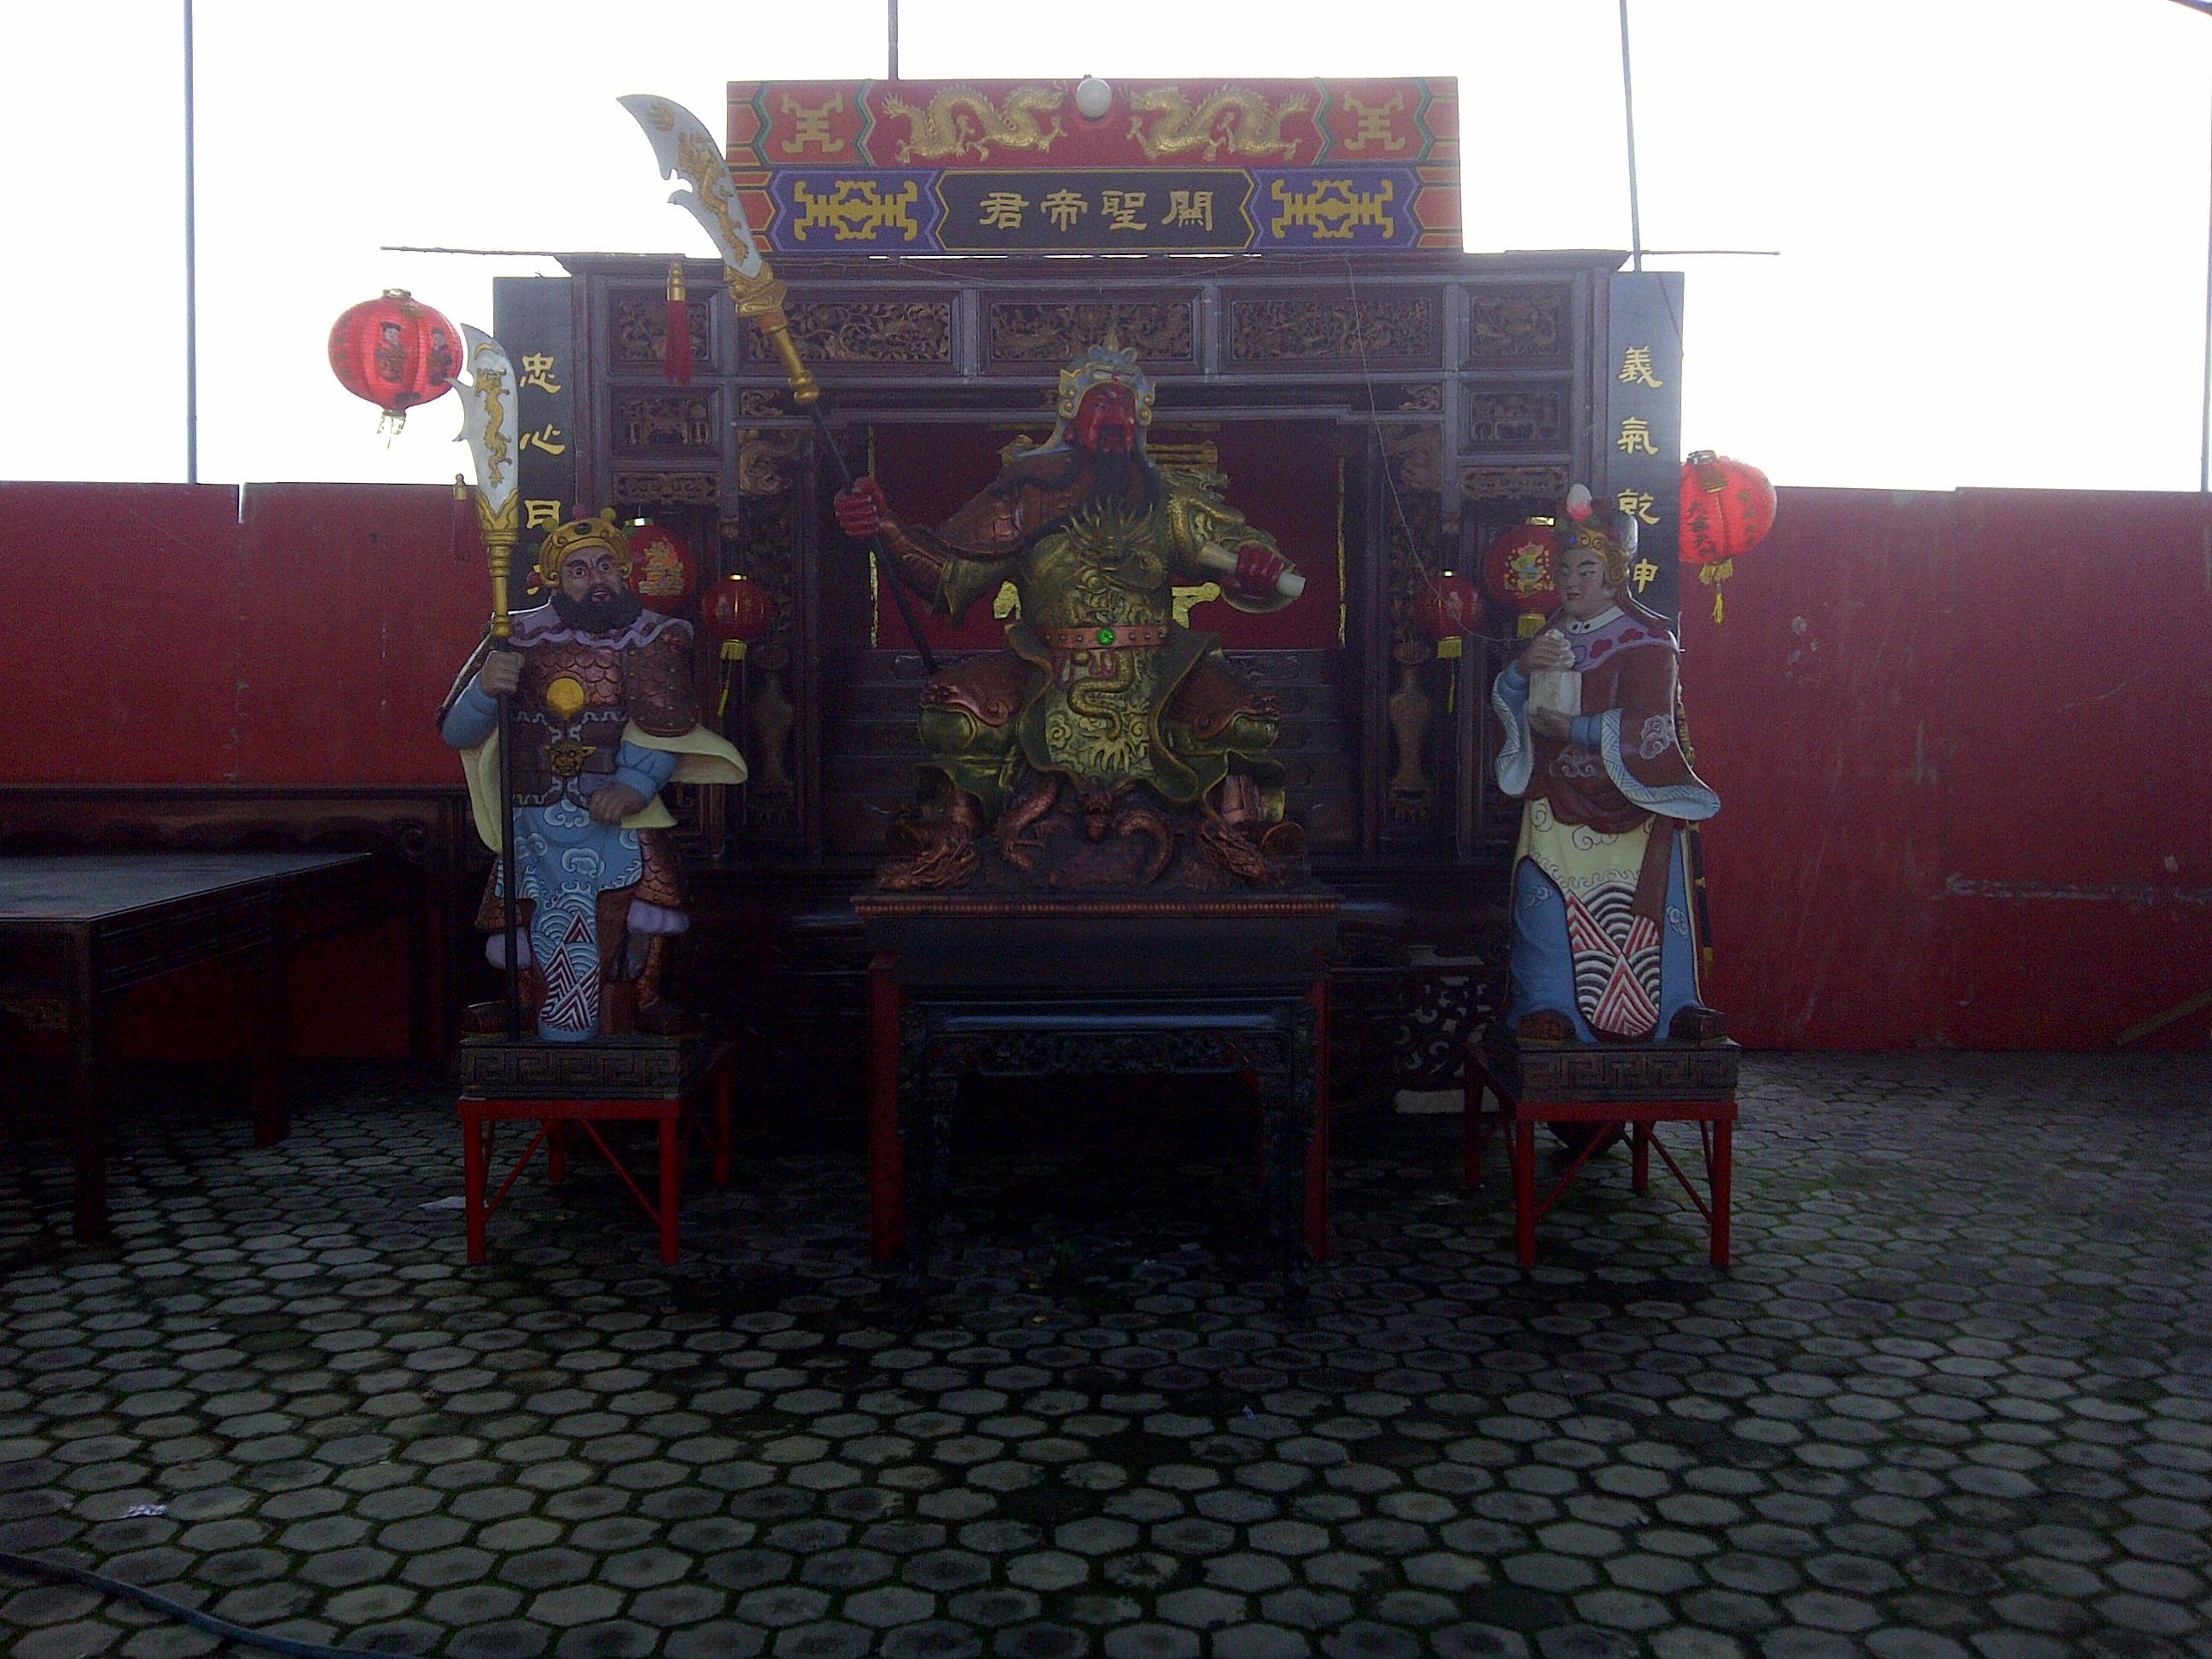 Berkas Patung Guan Gong Ditampilkan Perayaan Klenteng Sanggar Agung Surabaya